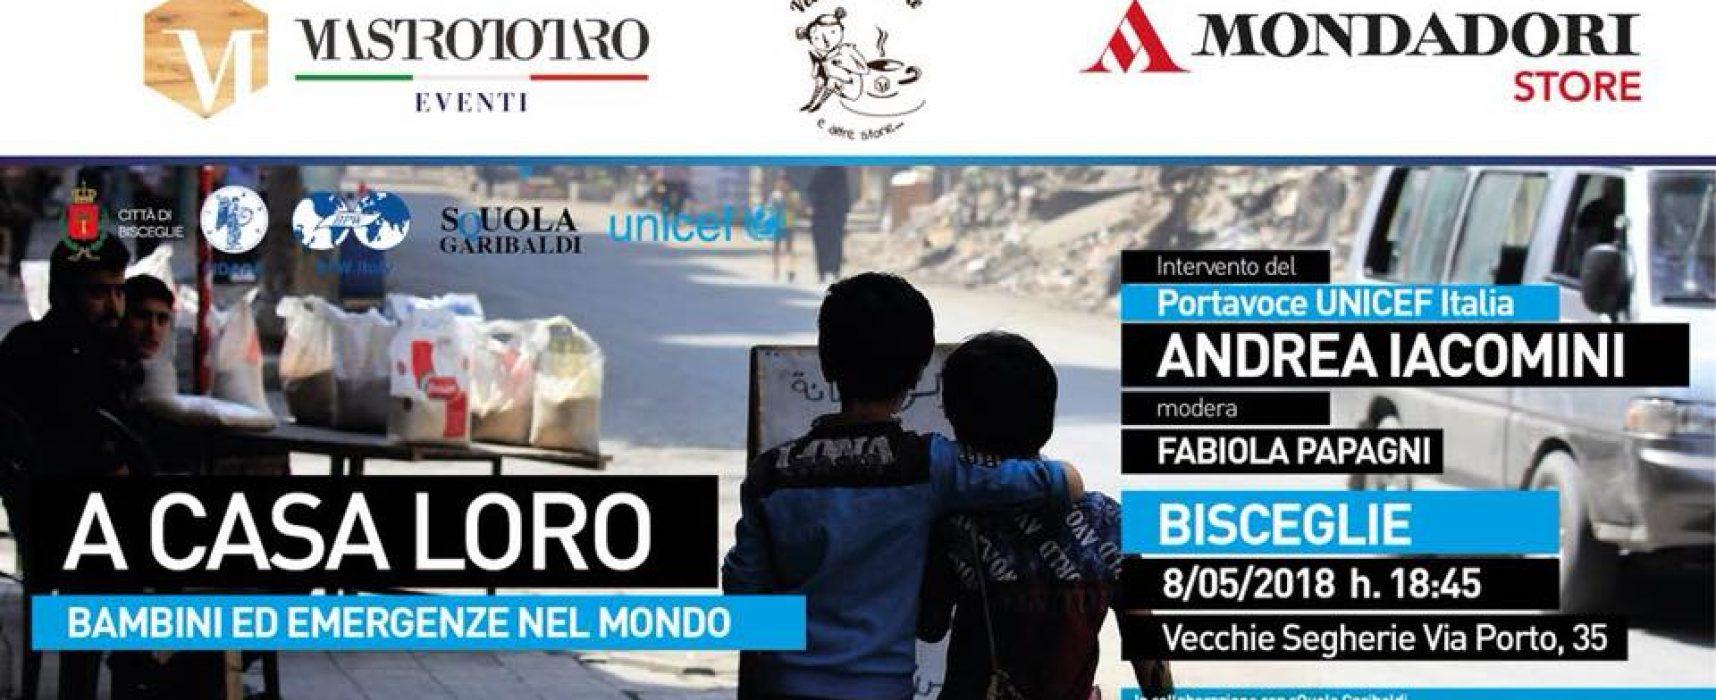 """""""A casa loro: bambini ed emergenze nel mondo"""", il portavoce Unicef Italia a Bisceglie"""